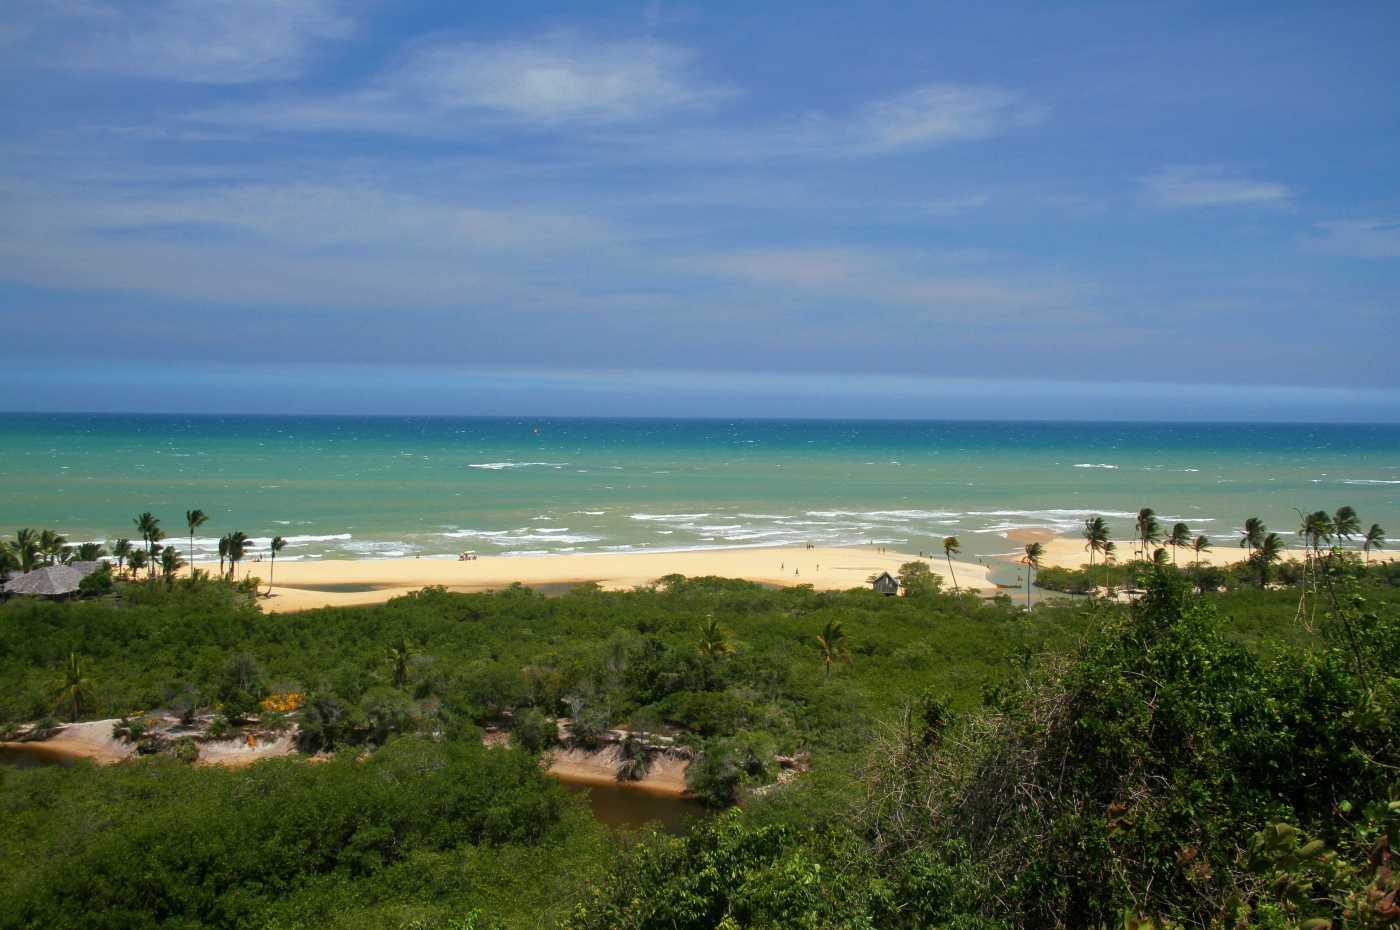 Vista da Praia dos Coqueiros, primeira parada do roteiro de bike, entre Trancoso e a Praia do Espelho, no litoral sul da Bahia (foto: Eduardo Vessoni)